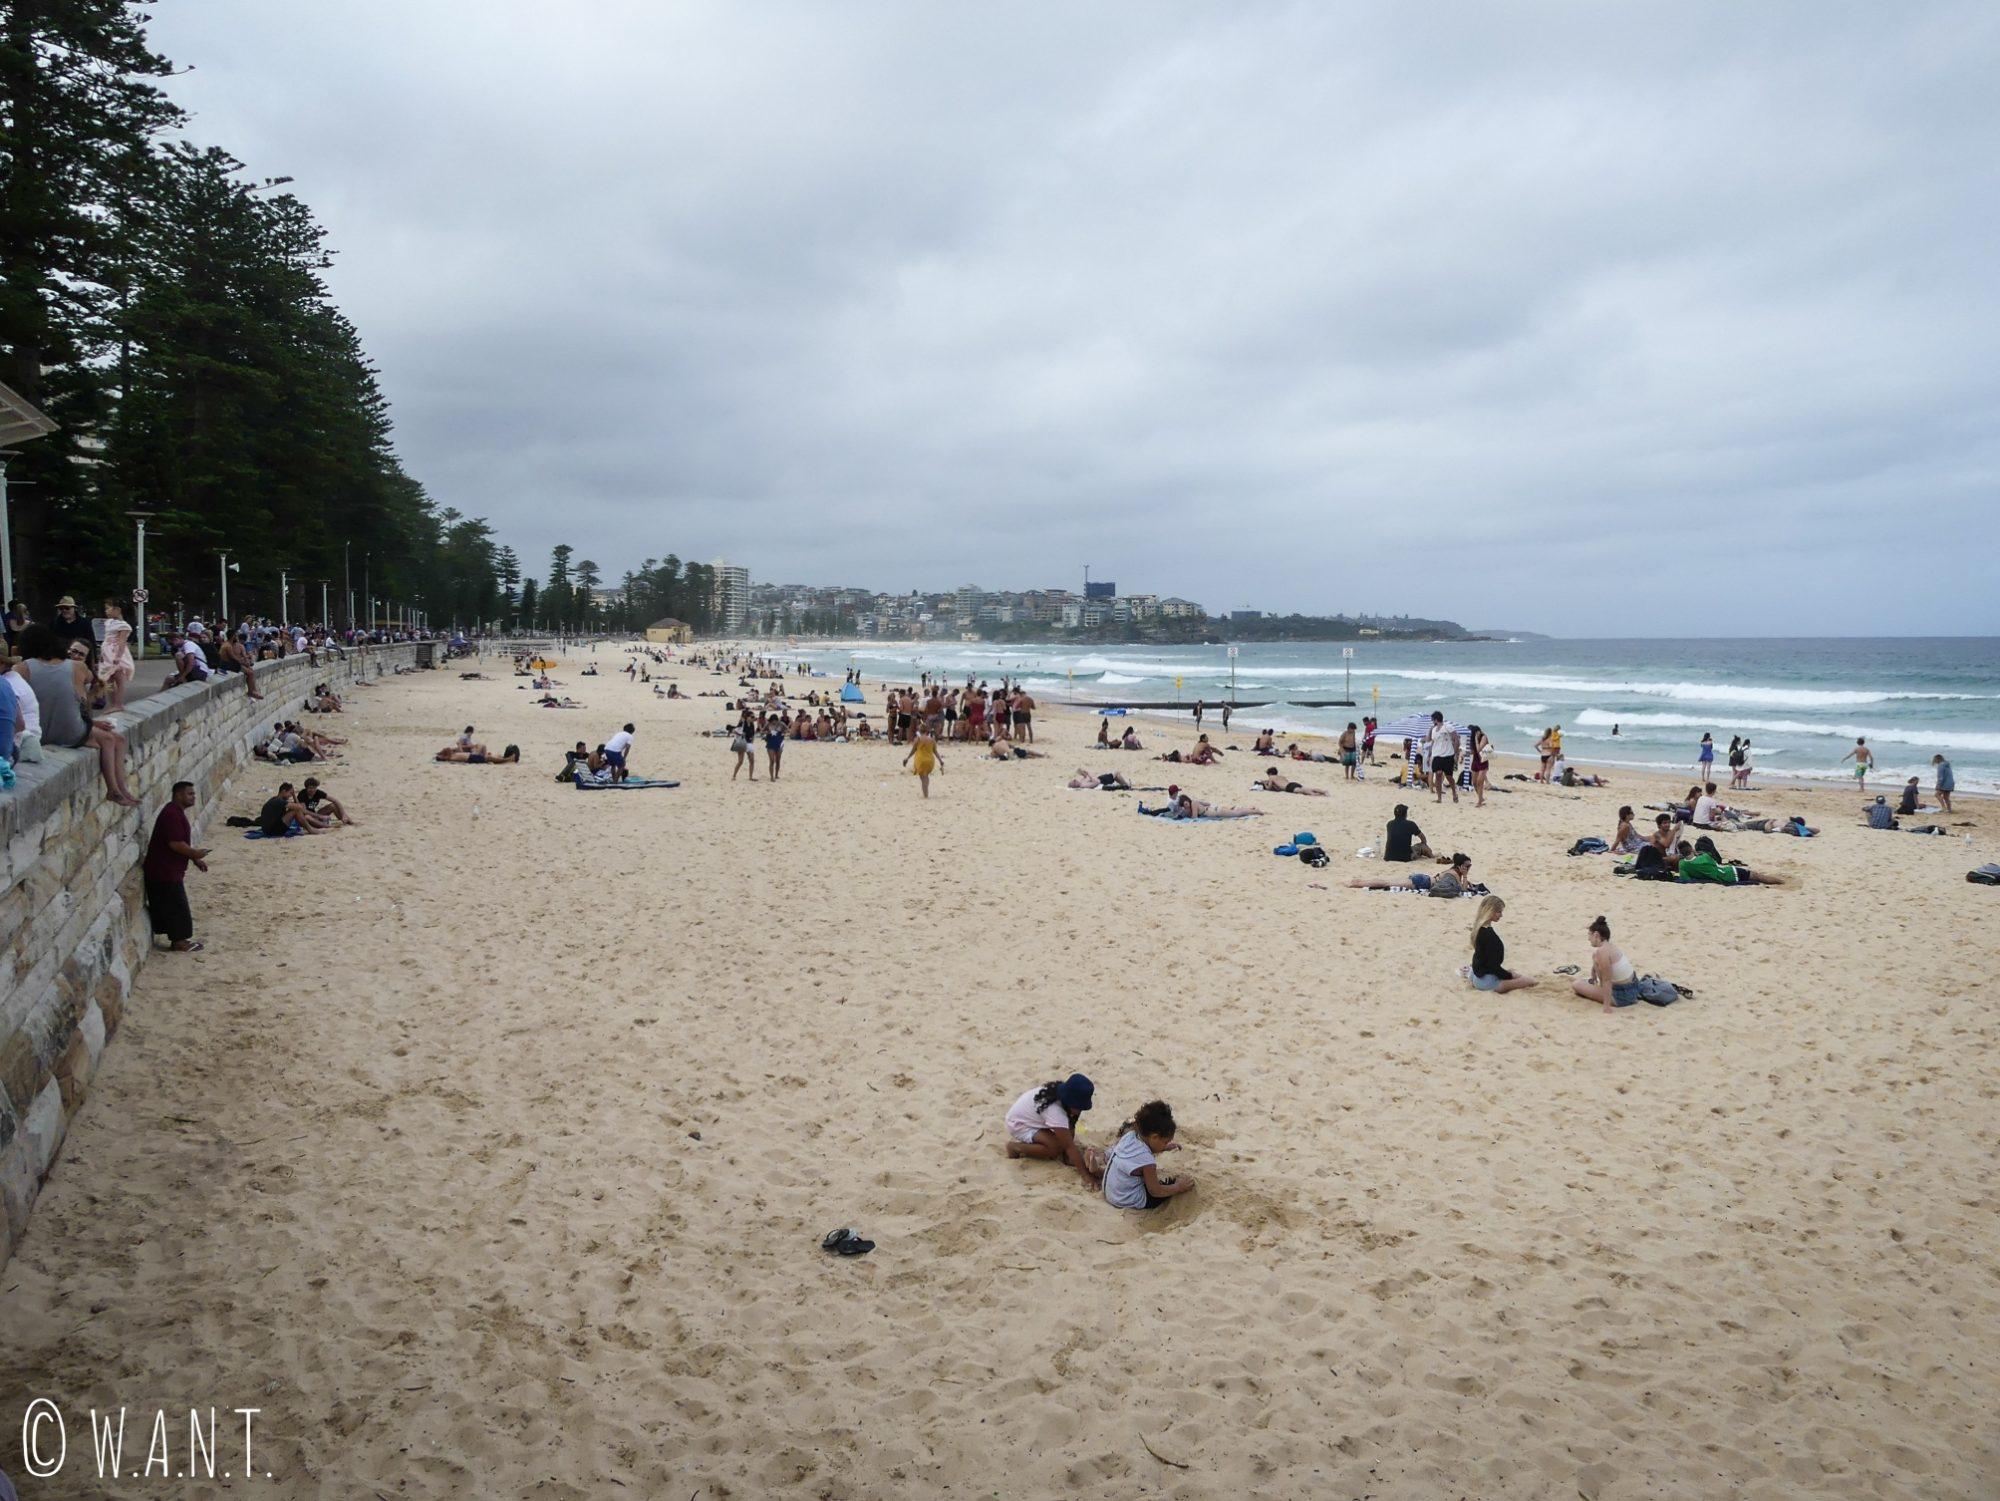 Plage de Manly Beach près de Sydney